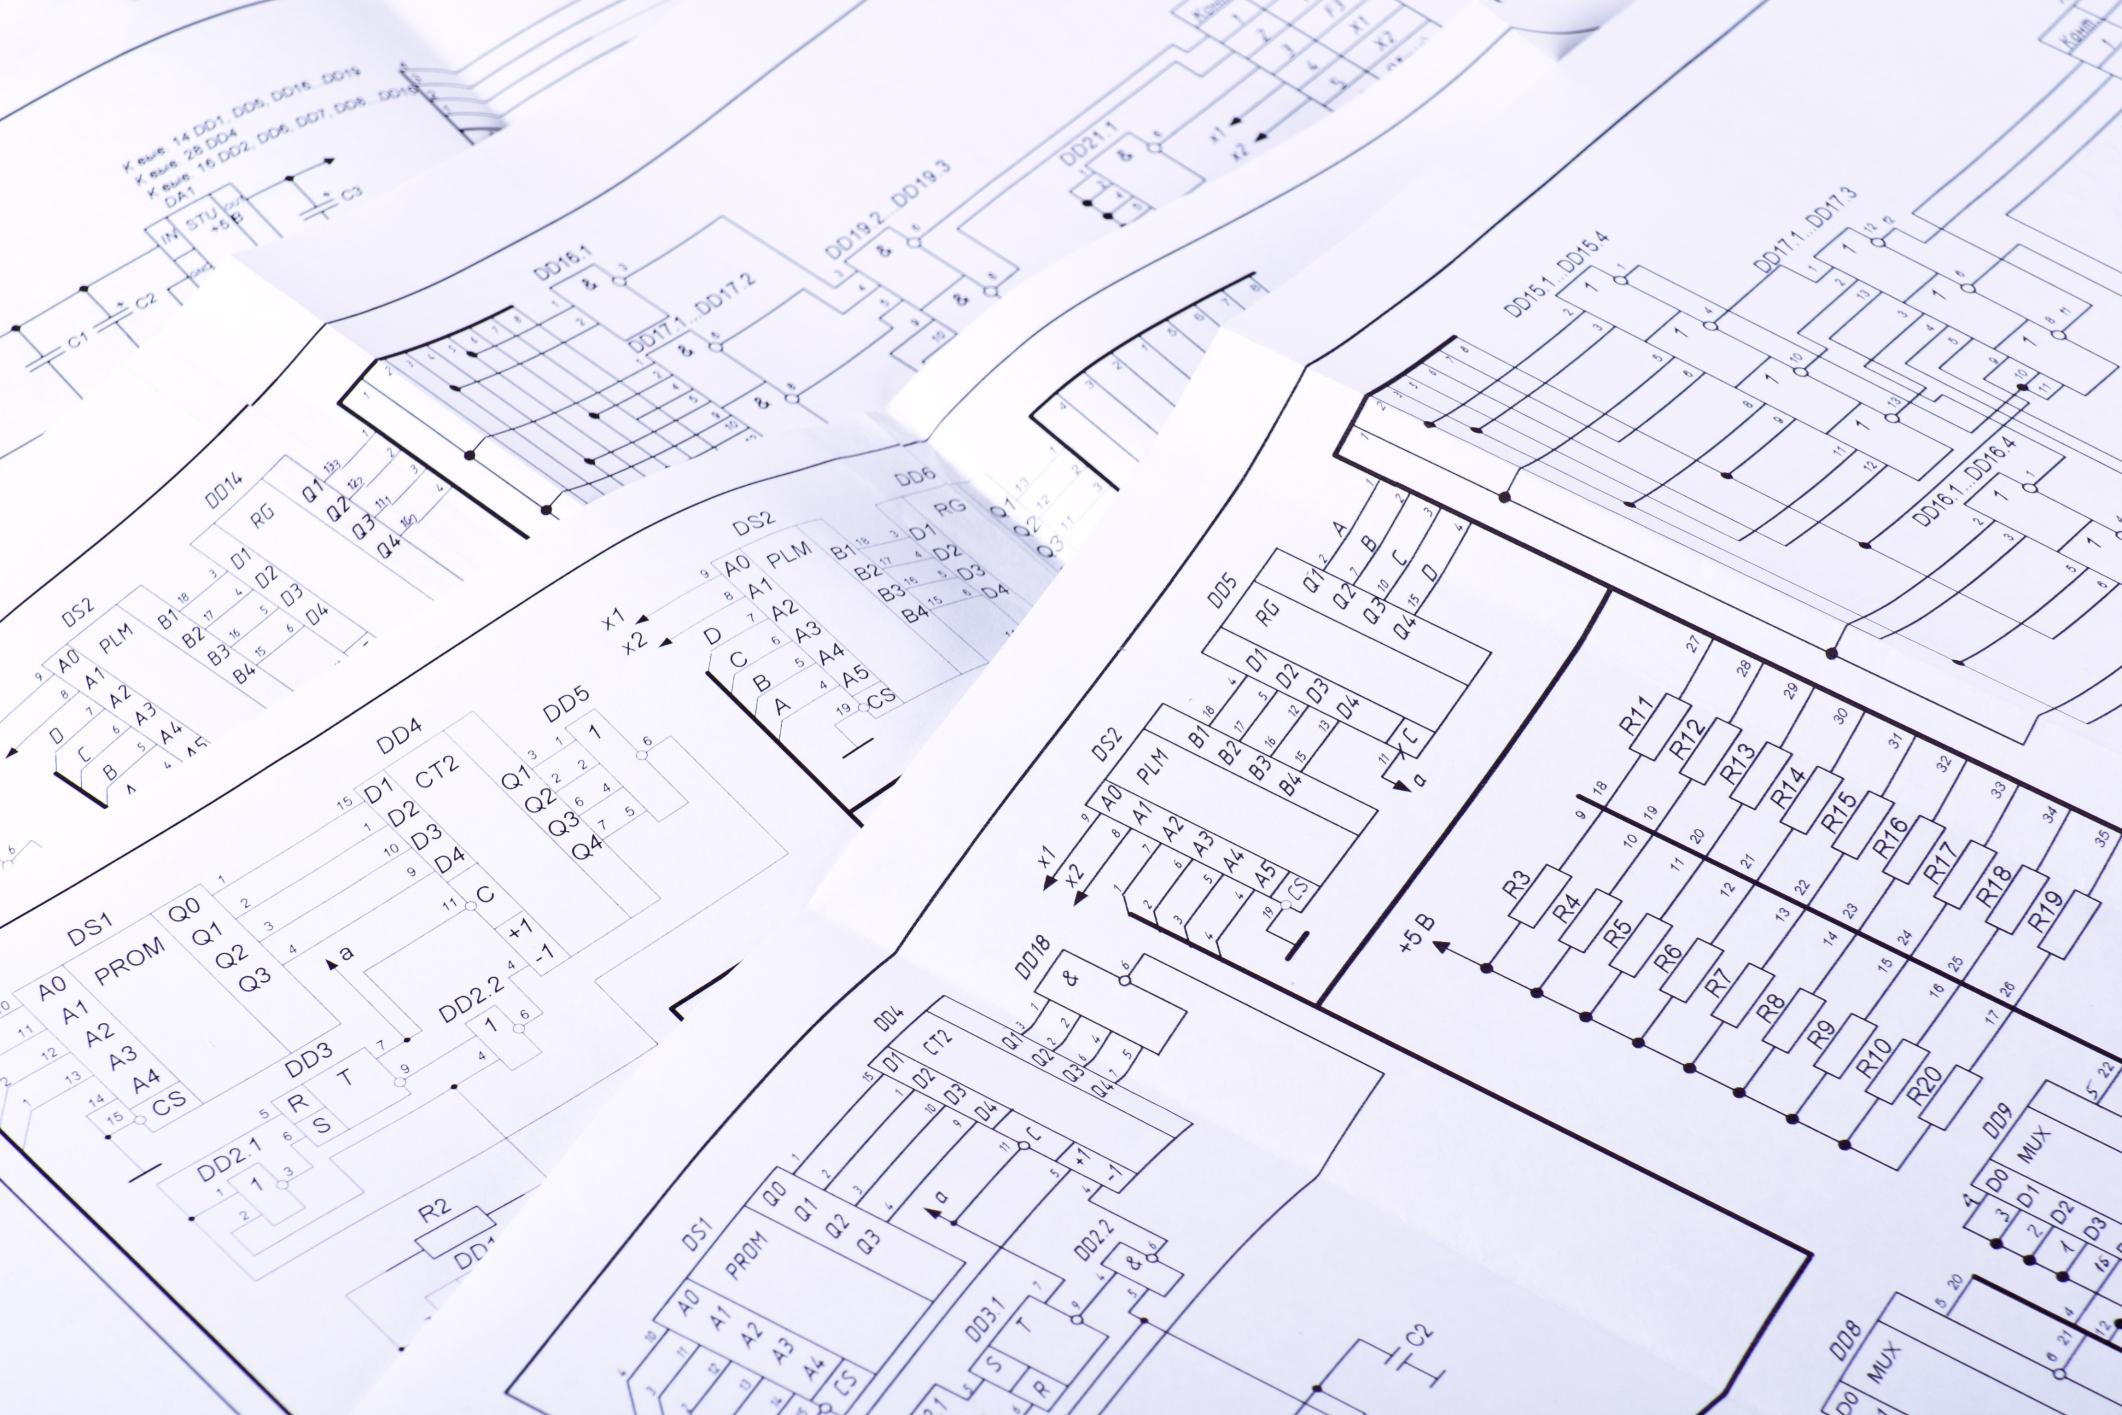 ... to detailed wiring schematics.